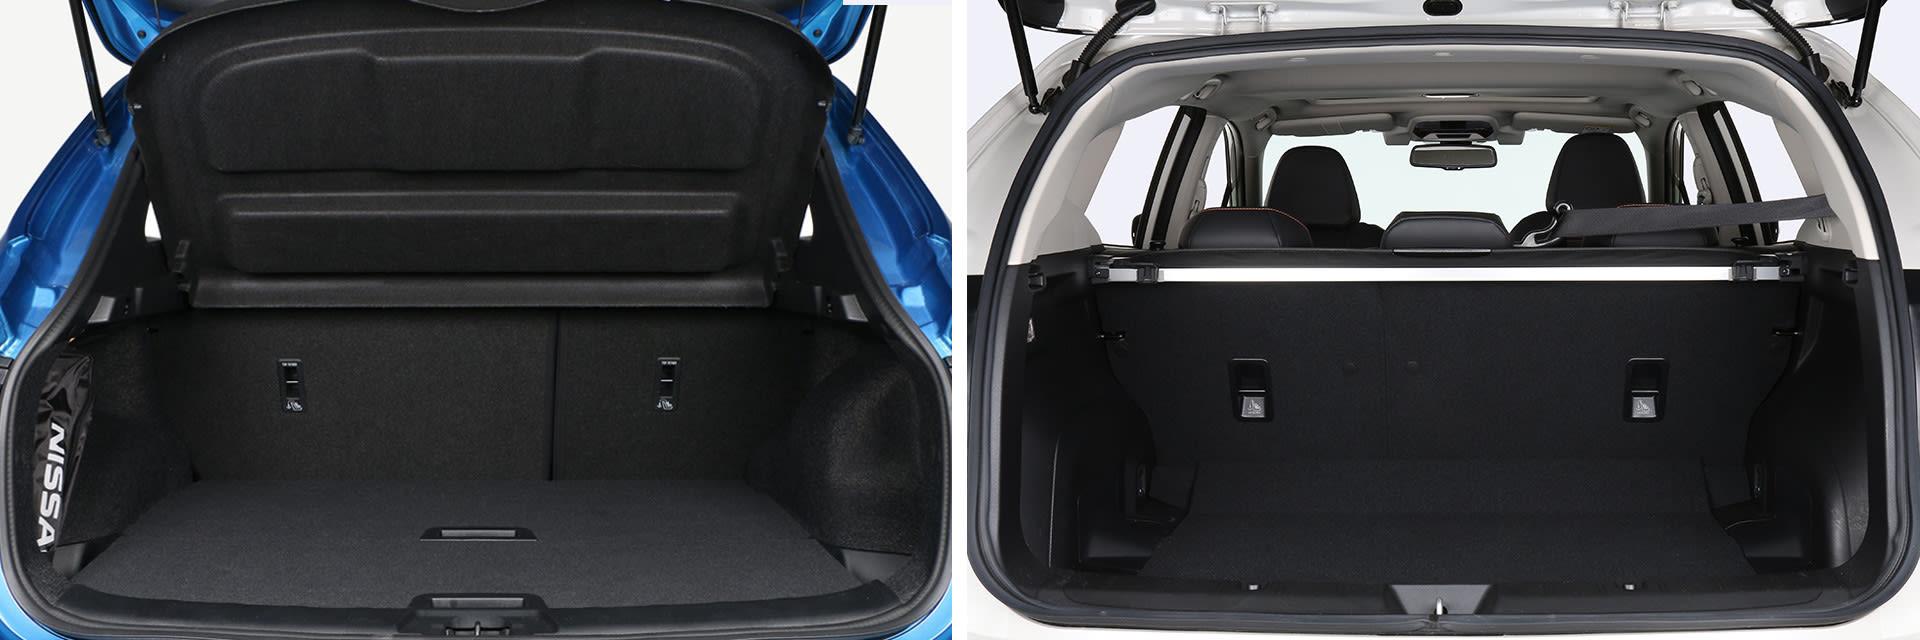 La capacidad del maletero del Nissan Qashqai (izq.) es de 430 litros, mientras que la del Subaru XV es de 385.